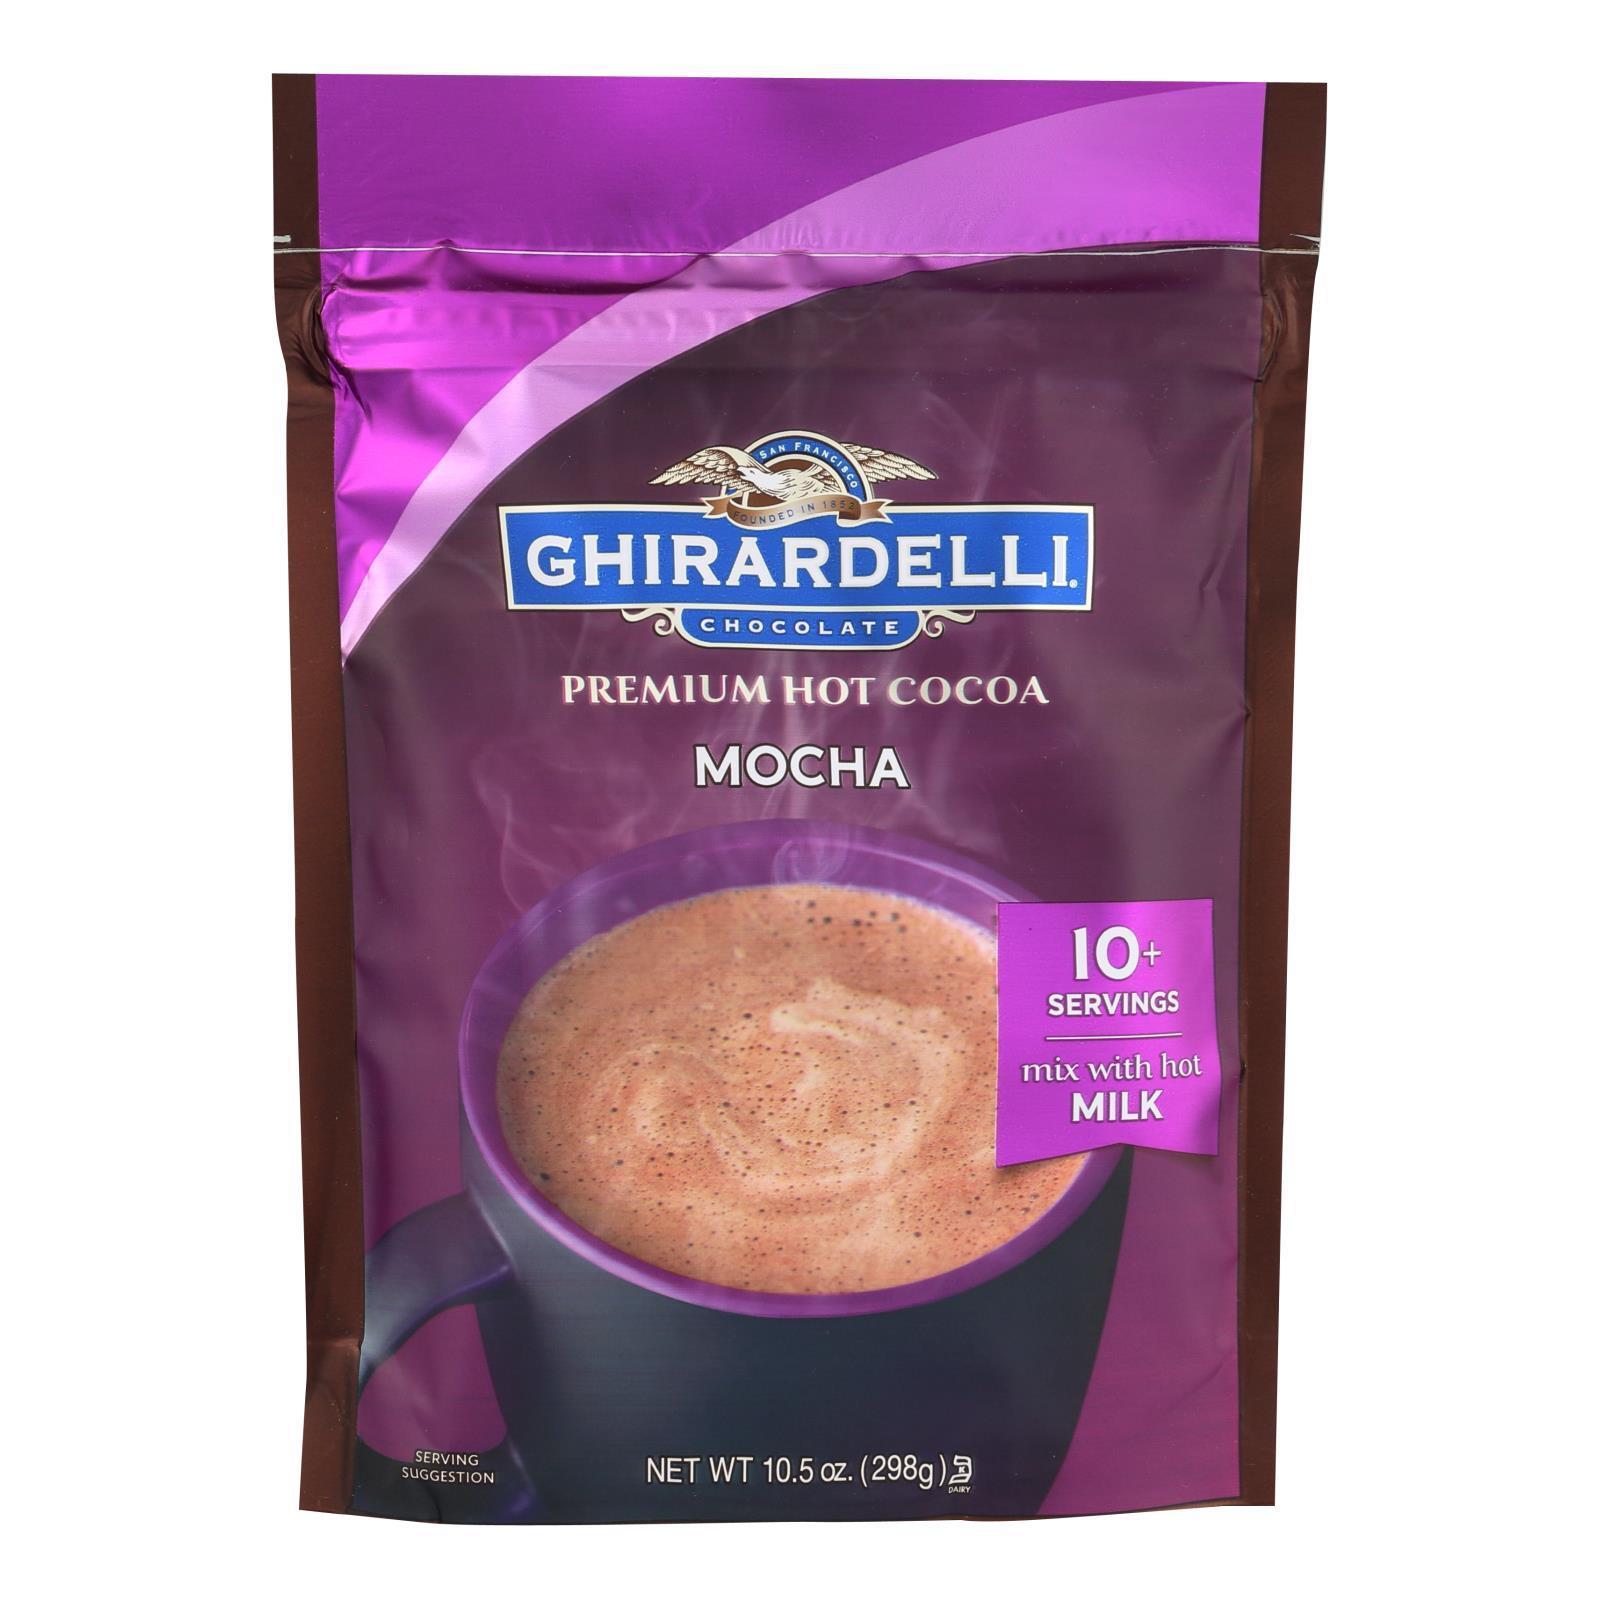 Ghirardelli Hot Cocoa - Premium - Chocolate Mocha - 10.5 oz - case of 6